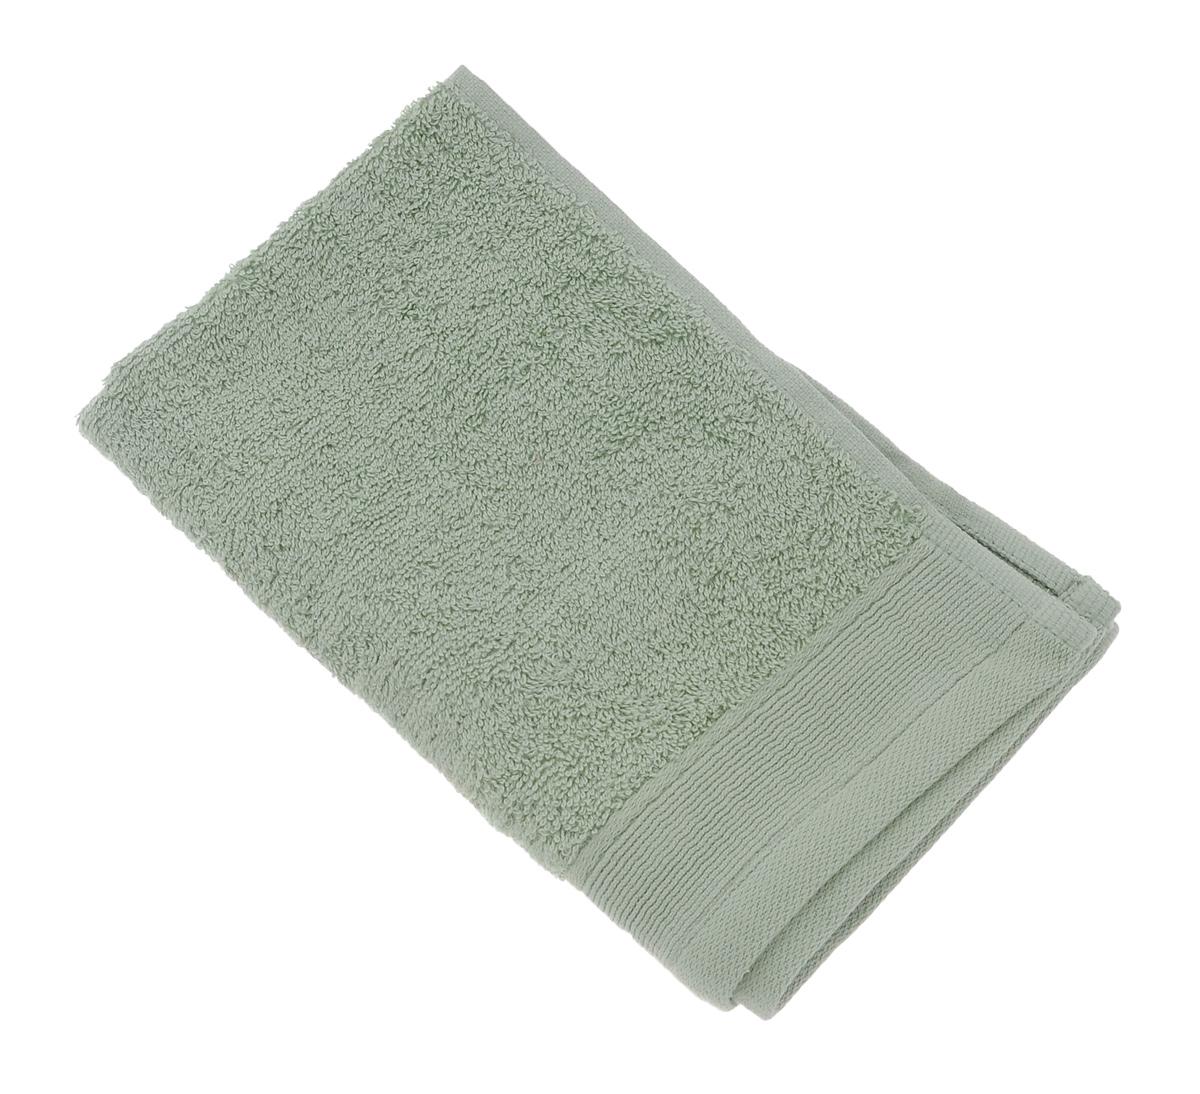 Полотенце махровое Guten Morgen, цвет: светло-зеленый, 30 х 50 см1004900000360Махровое полотенце Guten Morgen, изготовленное из натурального хлопка, прекрасно впитывает влагу и быстро сохнет. Высокая плотность ткани делает полотенце мягкими, прочными и пушистыми. При соблюдении рекомендаций по уходу изделие сохраняет яркость цвета и не теряет форму даже после многократных стирок. Махровое полотенце Guten Morgen станет достойным выбором для вас и приятным подарком для ваших близких. Мягкость и высокое качество материала, из которого изготовлено полотенце, не оставит вас равнодушными.